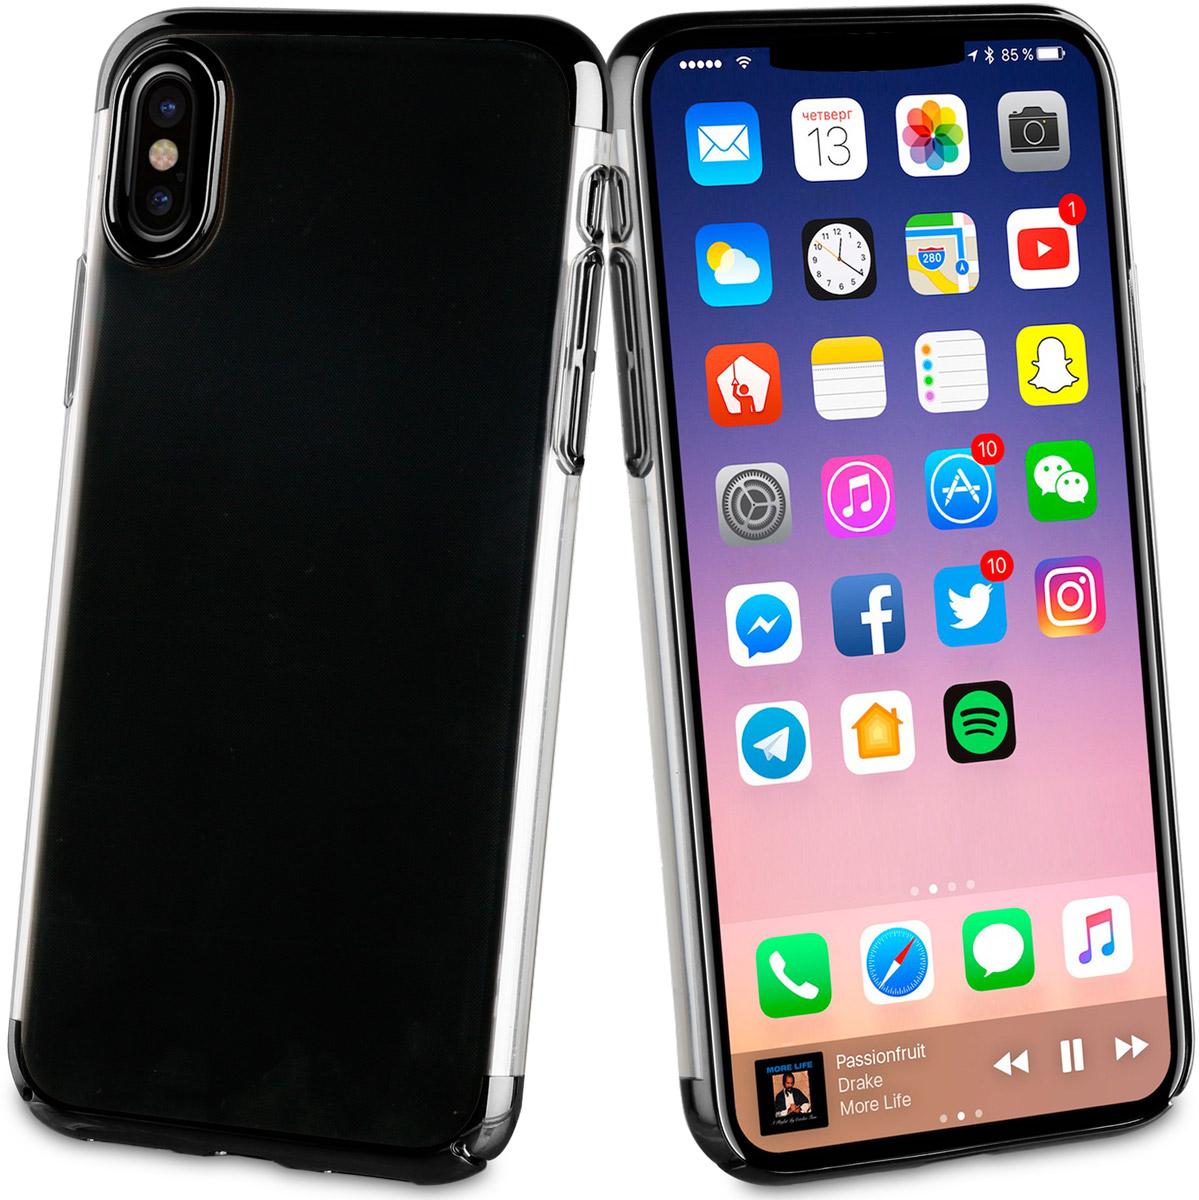 Muvit Crystal Case чехол для Apple iPhone X, BlackMUCRY0169Тонкий защитный чехол Crystal это прозрачный чехол. Выполнен из термополиуретана, поскольку этот материал поглощает удары. Обеспечивает эффективную защиту Вашего устройства.Материал термополиуретанПрозрачныйПротивоударный